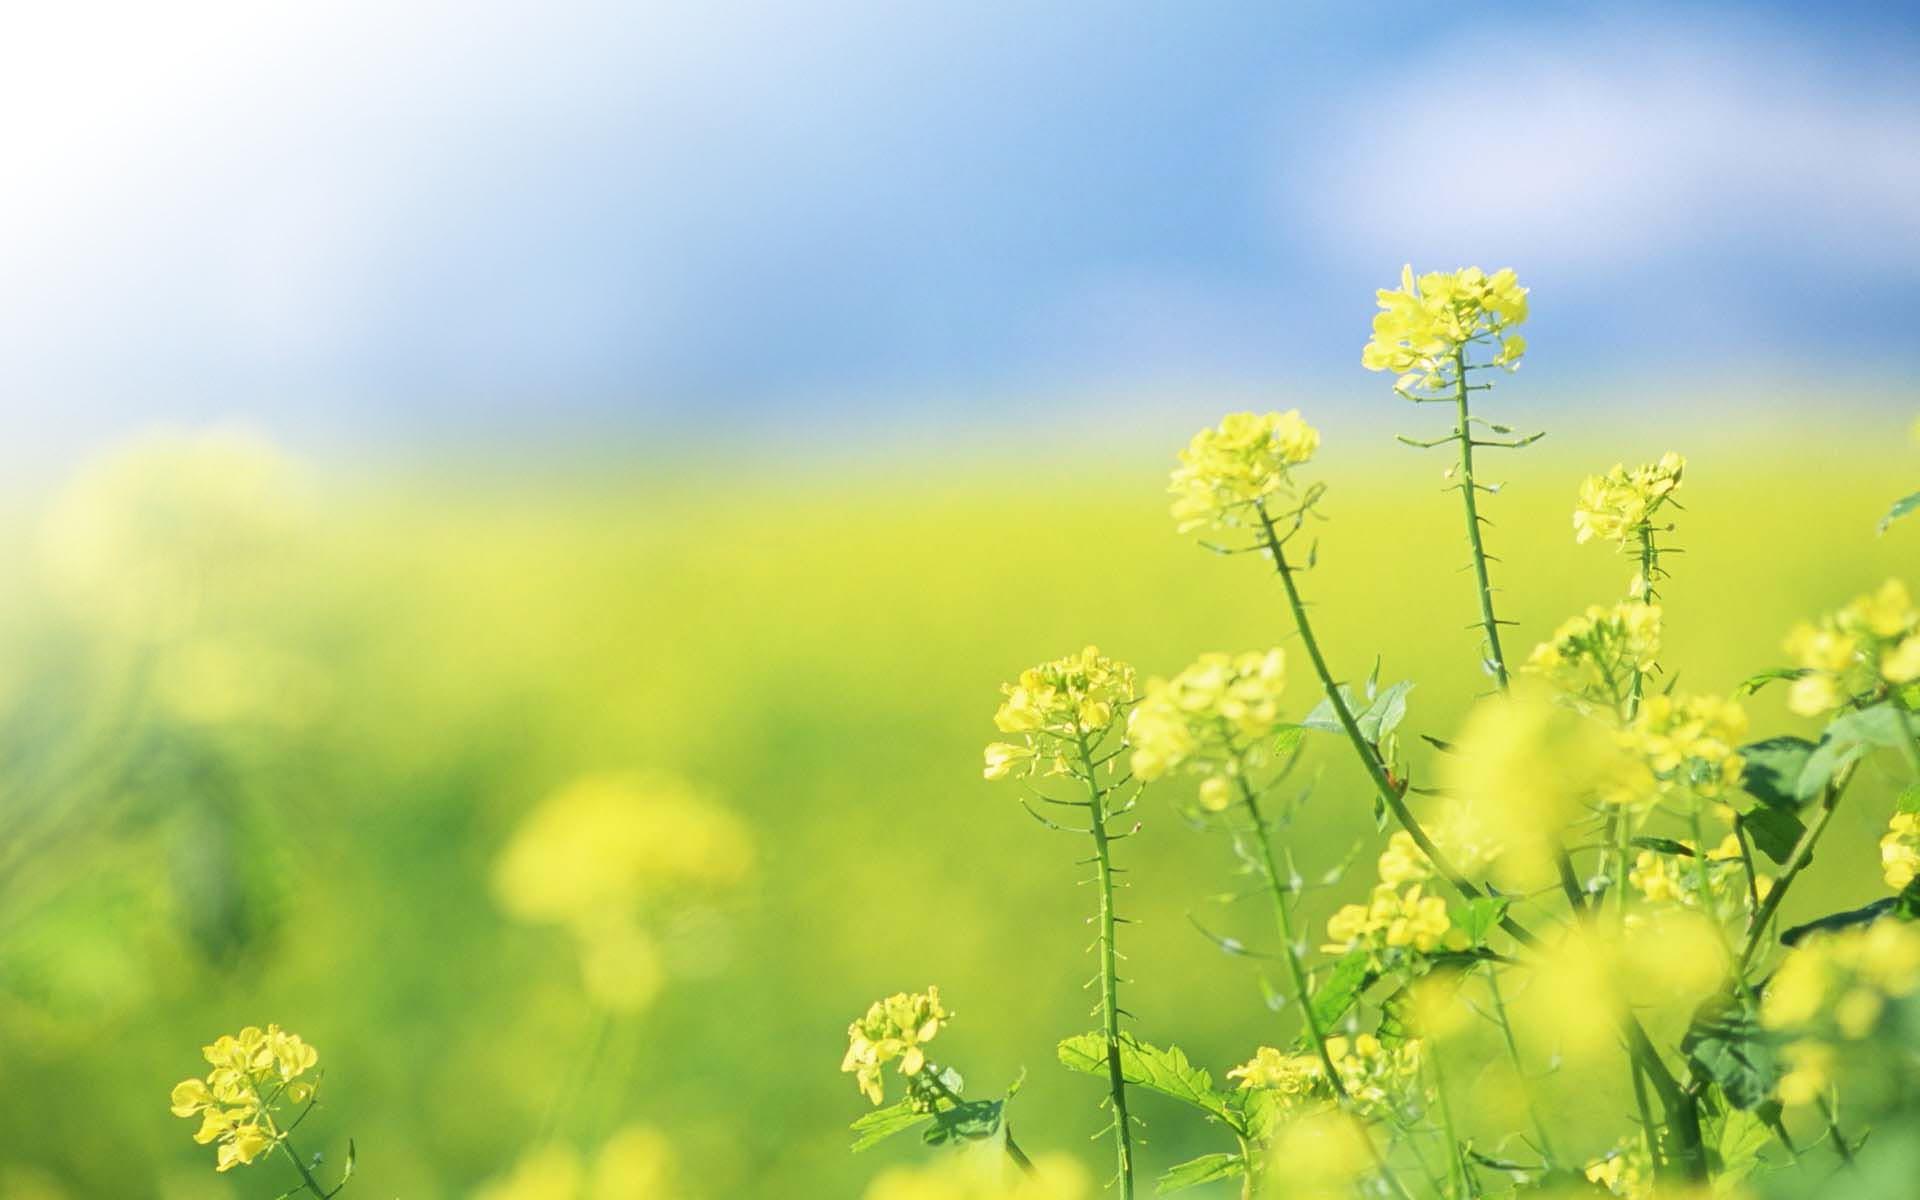 Полевые цветы желтого цвета фото с названиями